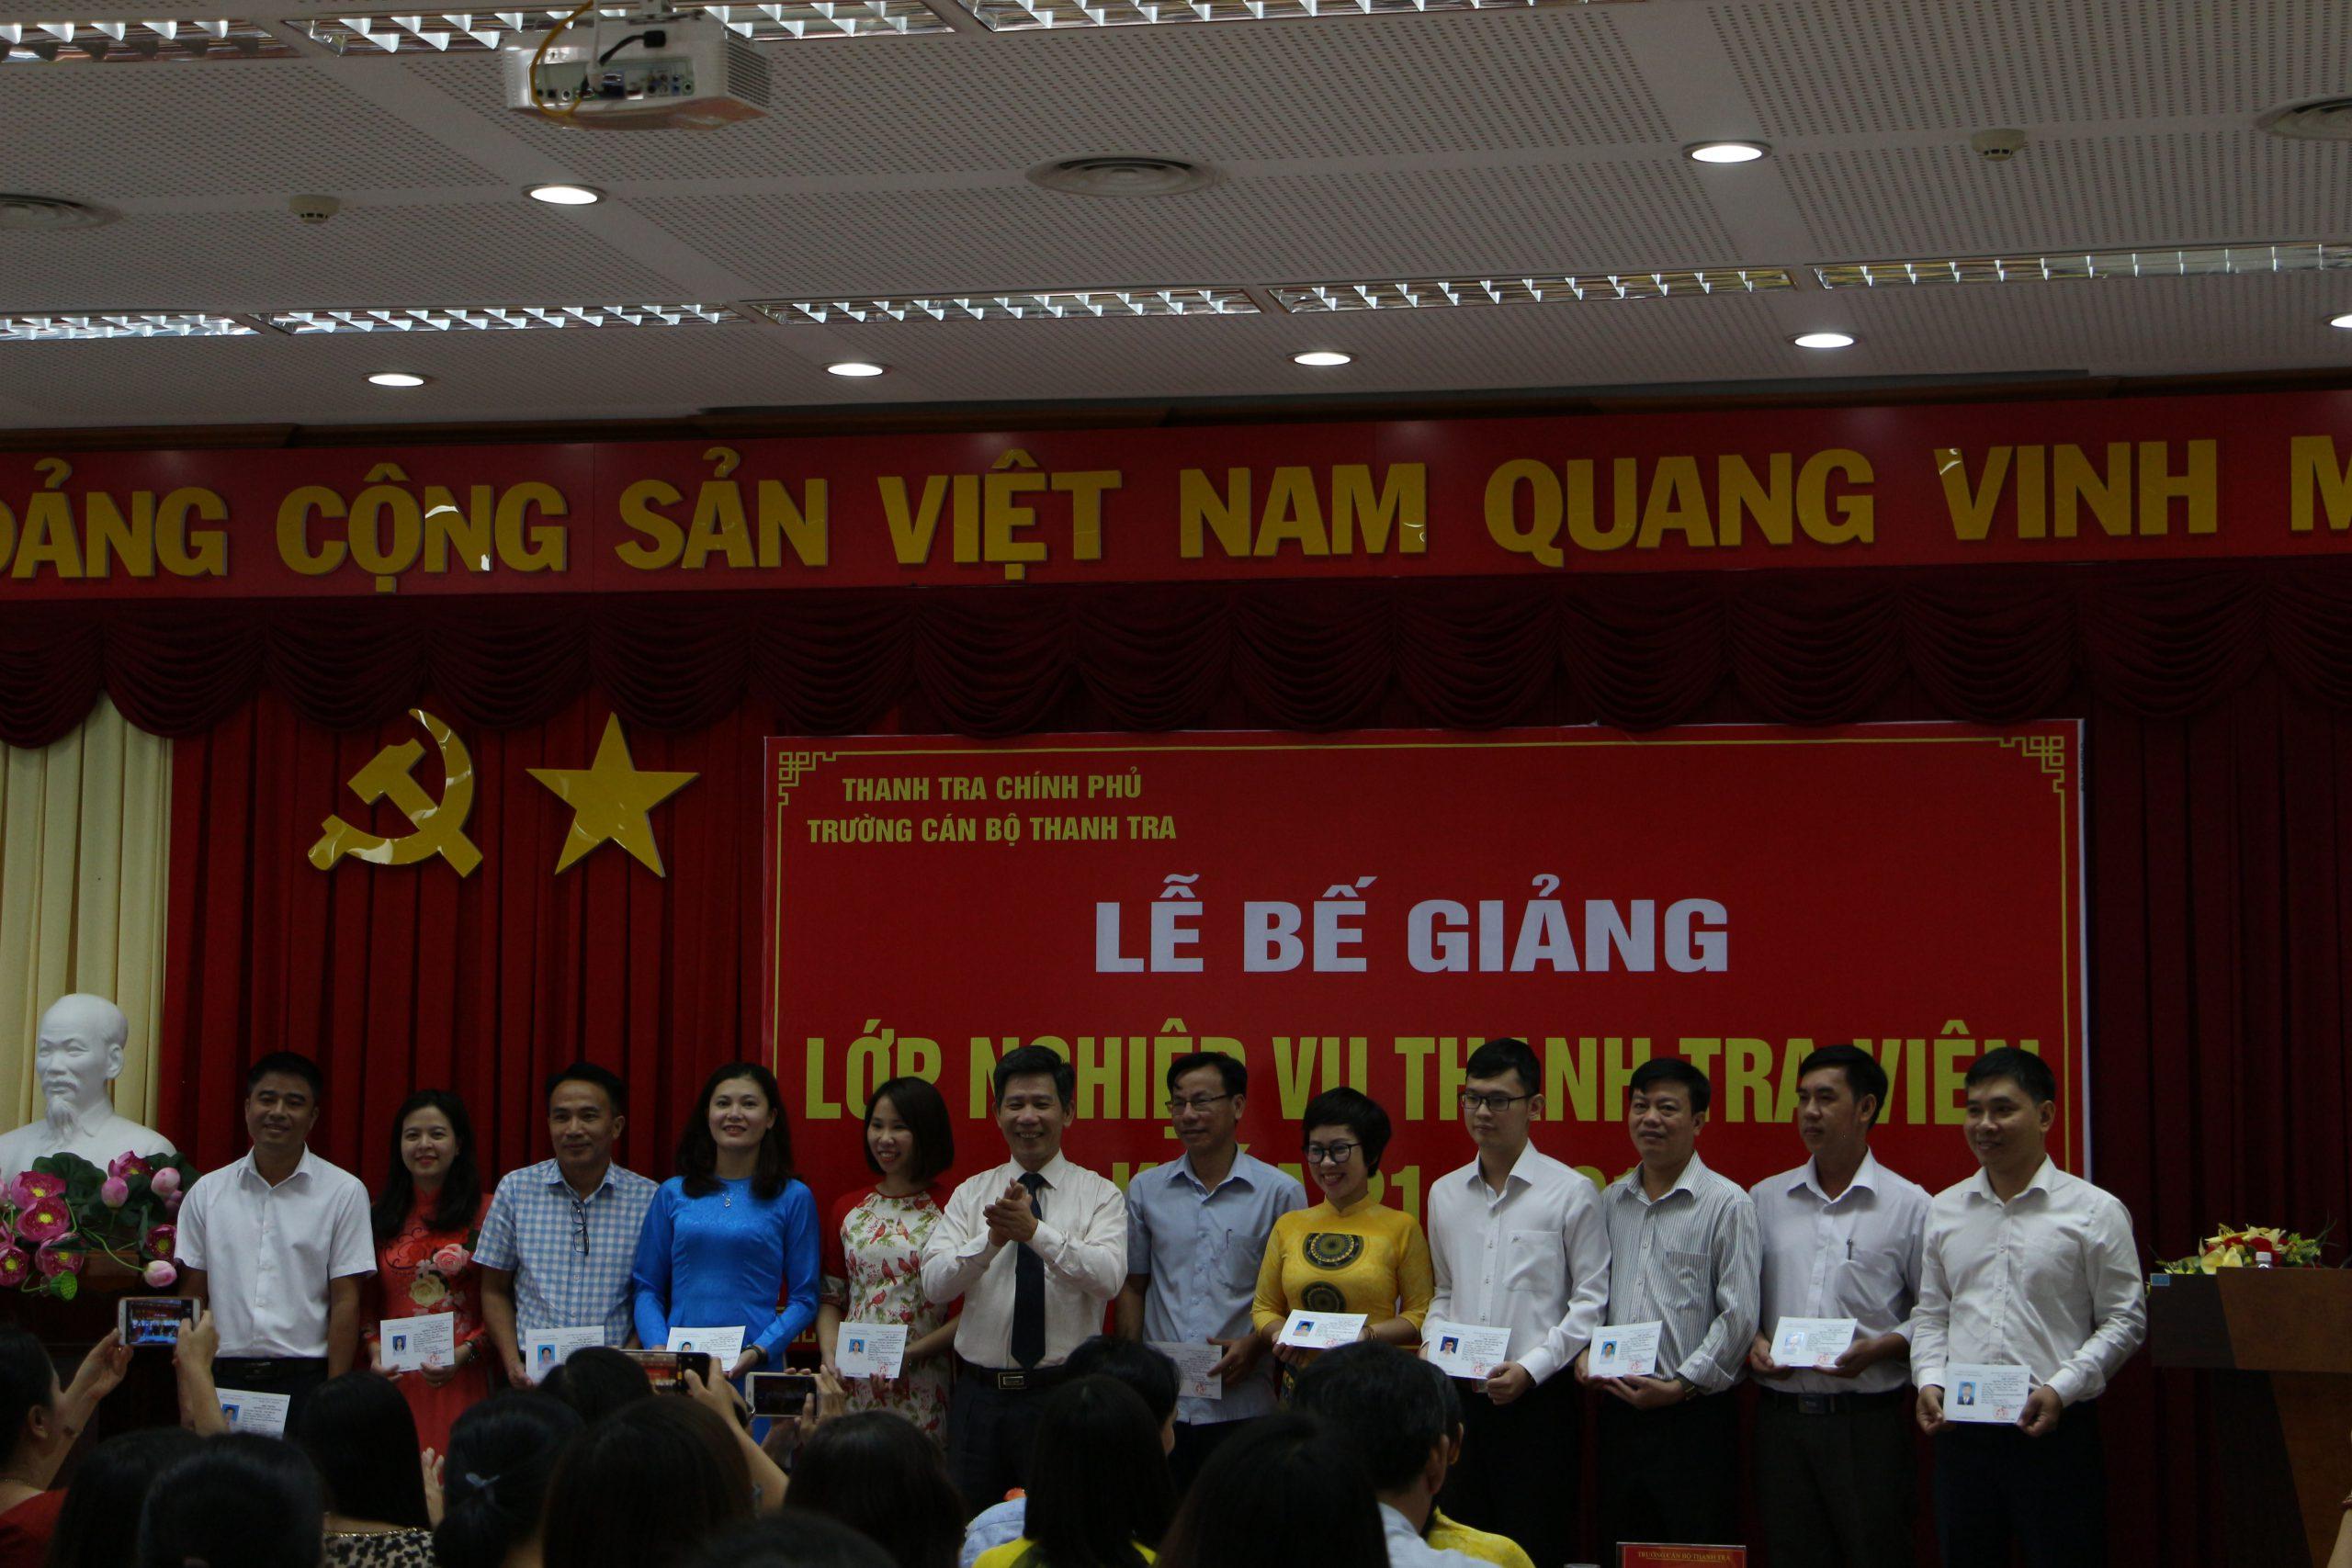 Ông Nguyễn Viết Thạch Pho Hiệu trg nhà trường trao chứng chỉ cho học viên